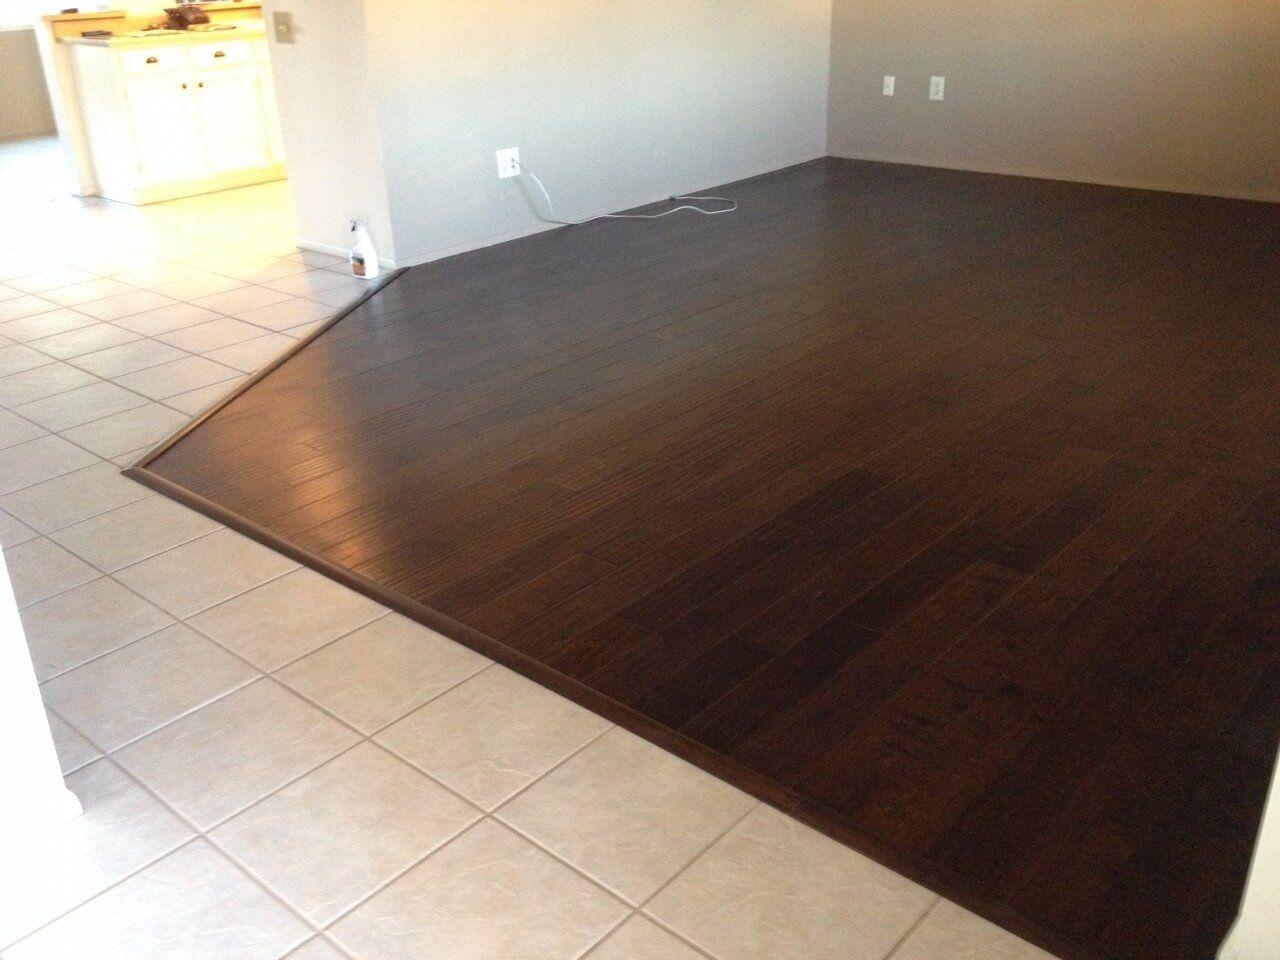 Glue Down Wood Floor Tiles Httpnextsoft21 Pinterest